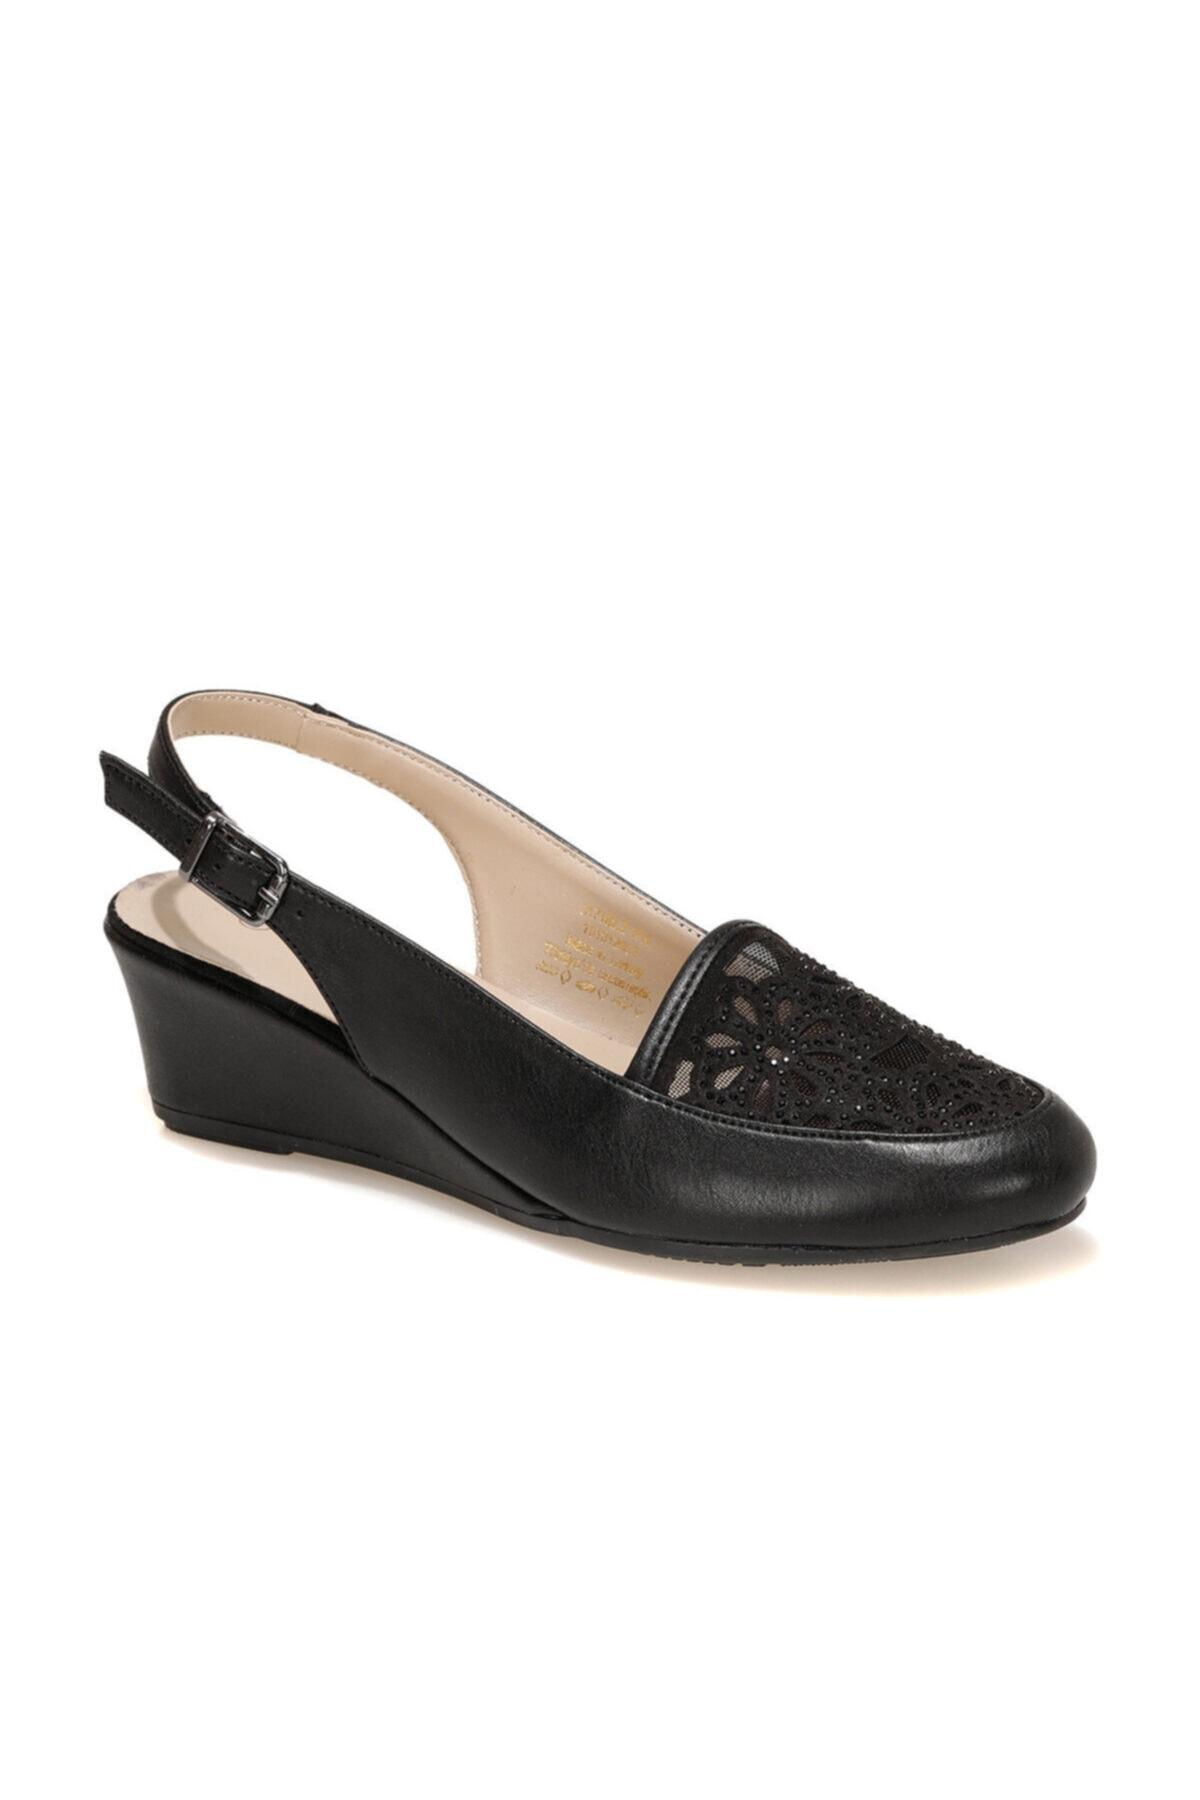 317182.Z 1FX Siyah Kadın Dolgu Ayakkabı 101012651